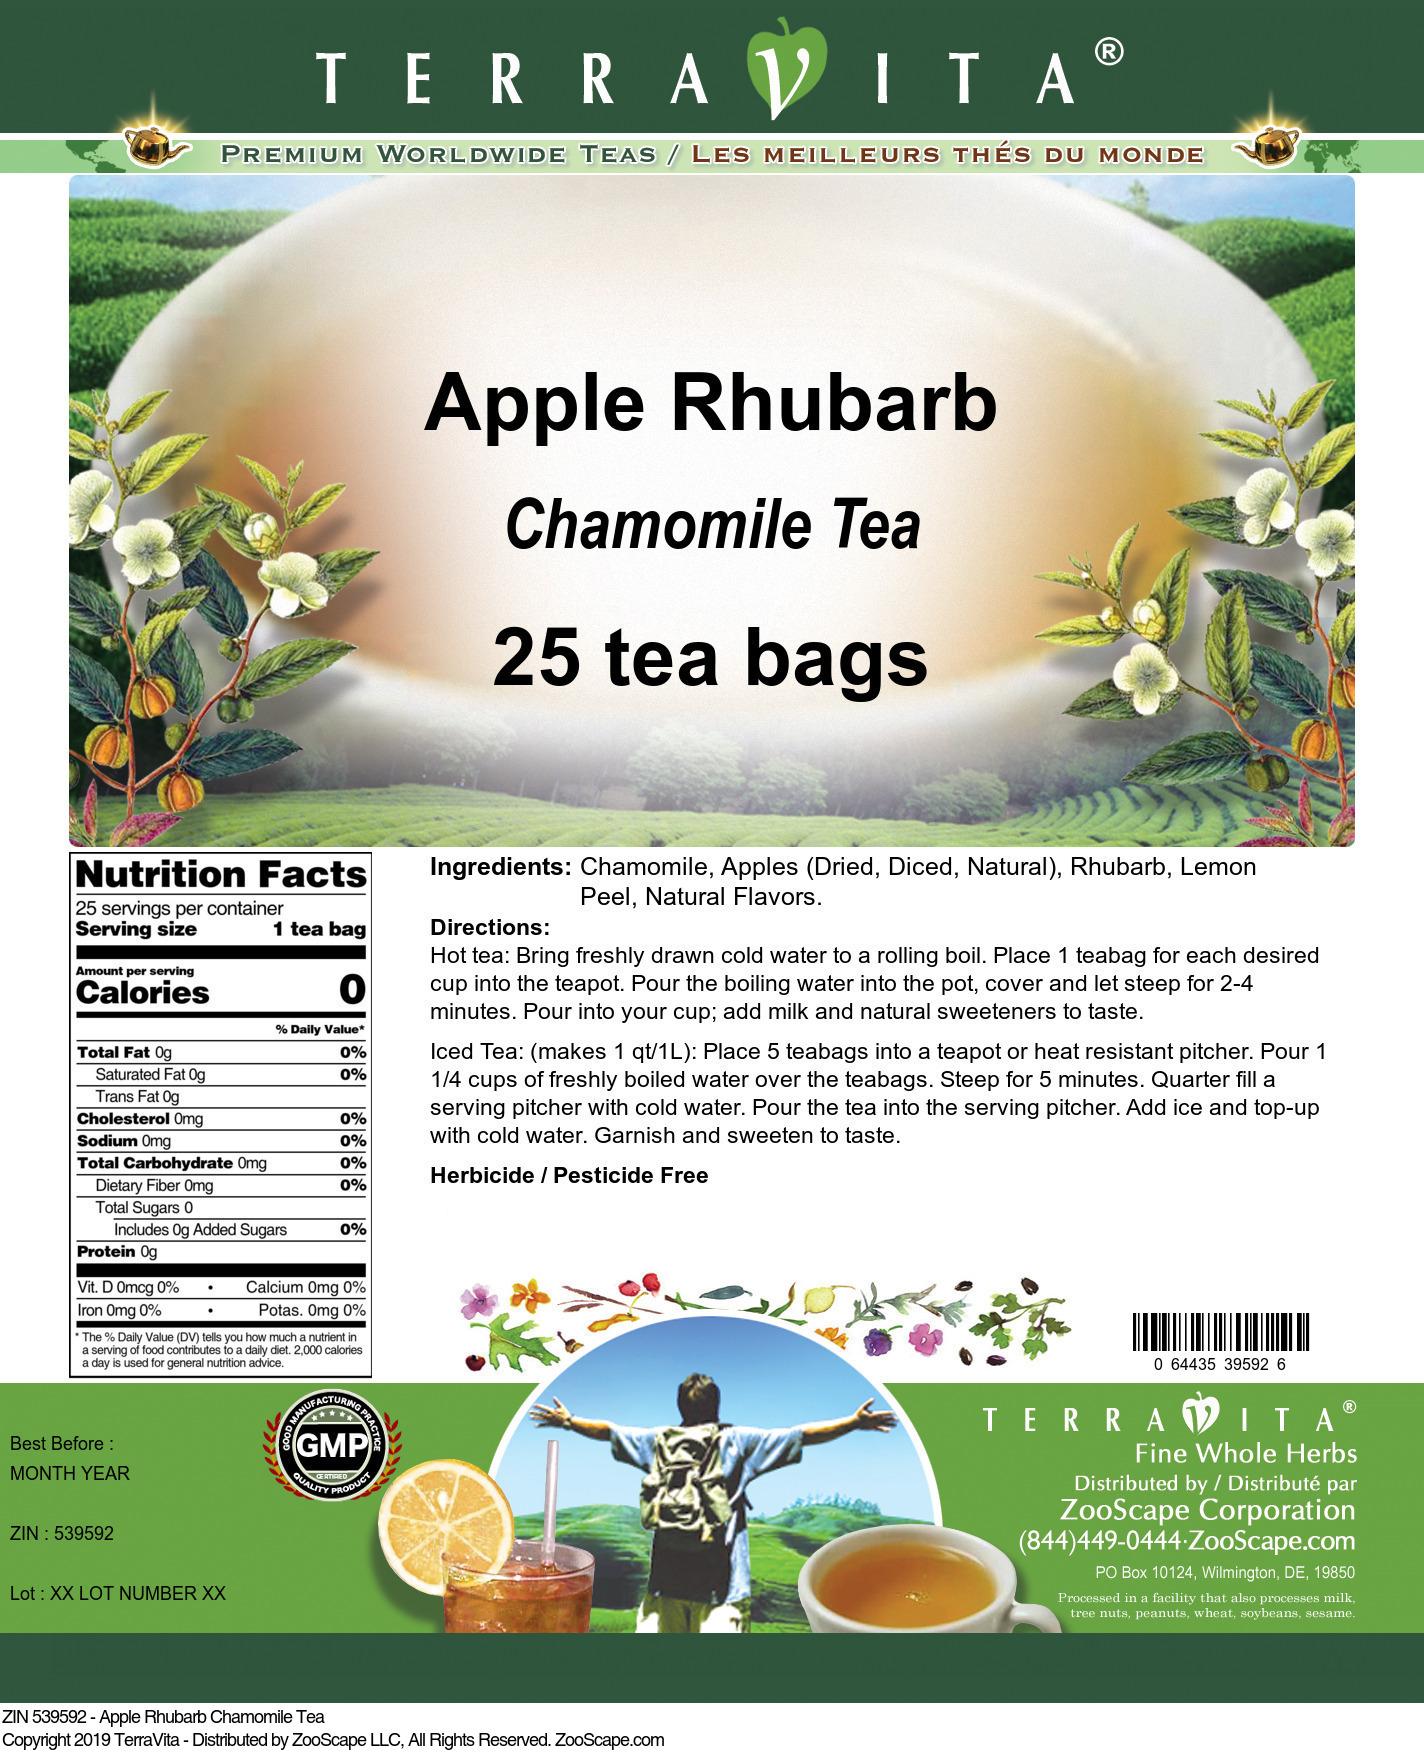 Apple Rhubarb Chamomile Tea